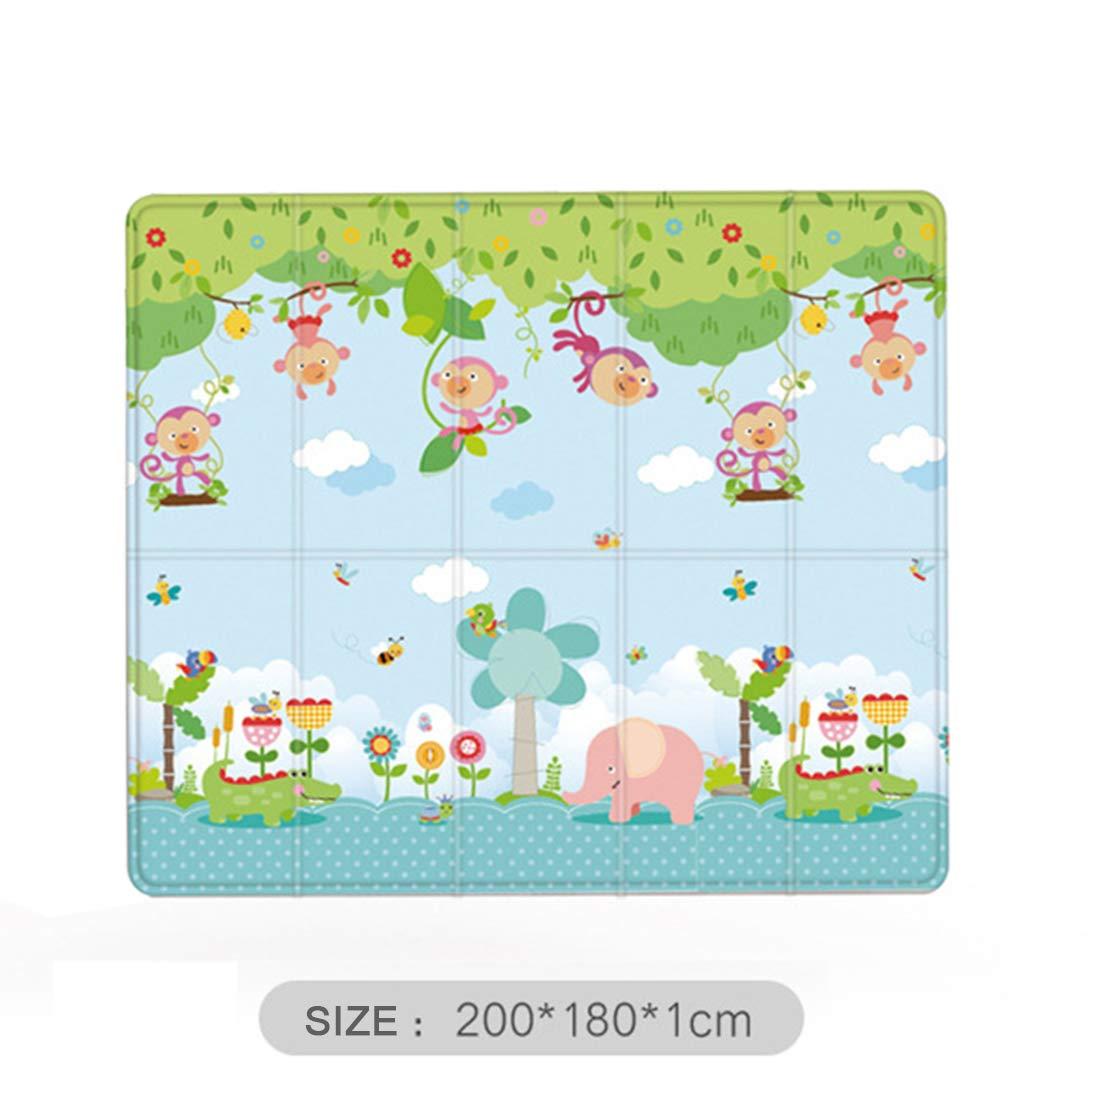 Sunbary Spielmatte Baby Gro/ß Teppich Spielteppich Faltbarer Krabbelmatte Ungiftig XPE-Schaumboden Rutschfest Beidseitig Tragbar Wasserdicht,200 x 180x1cm